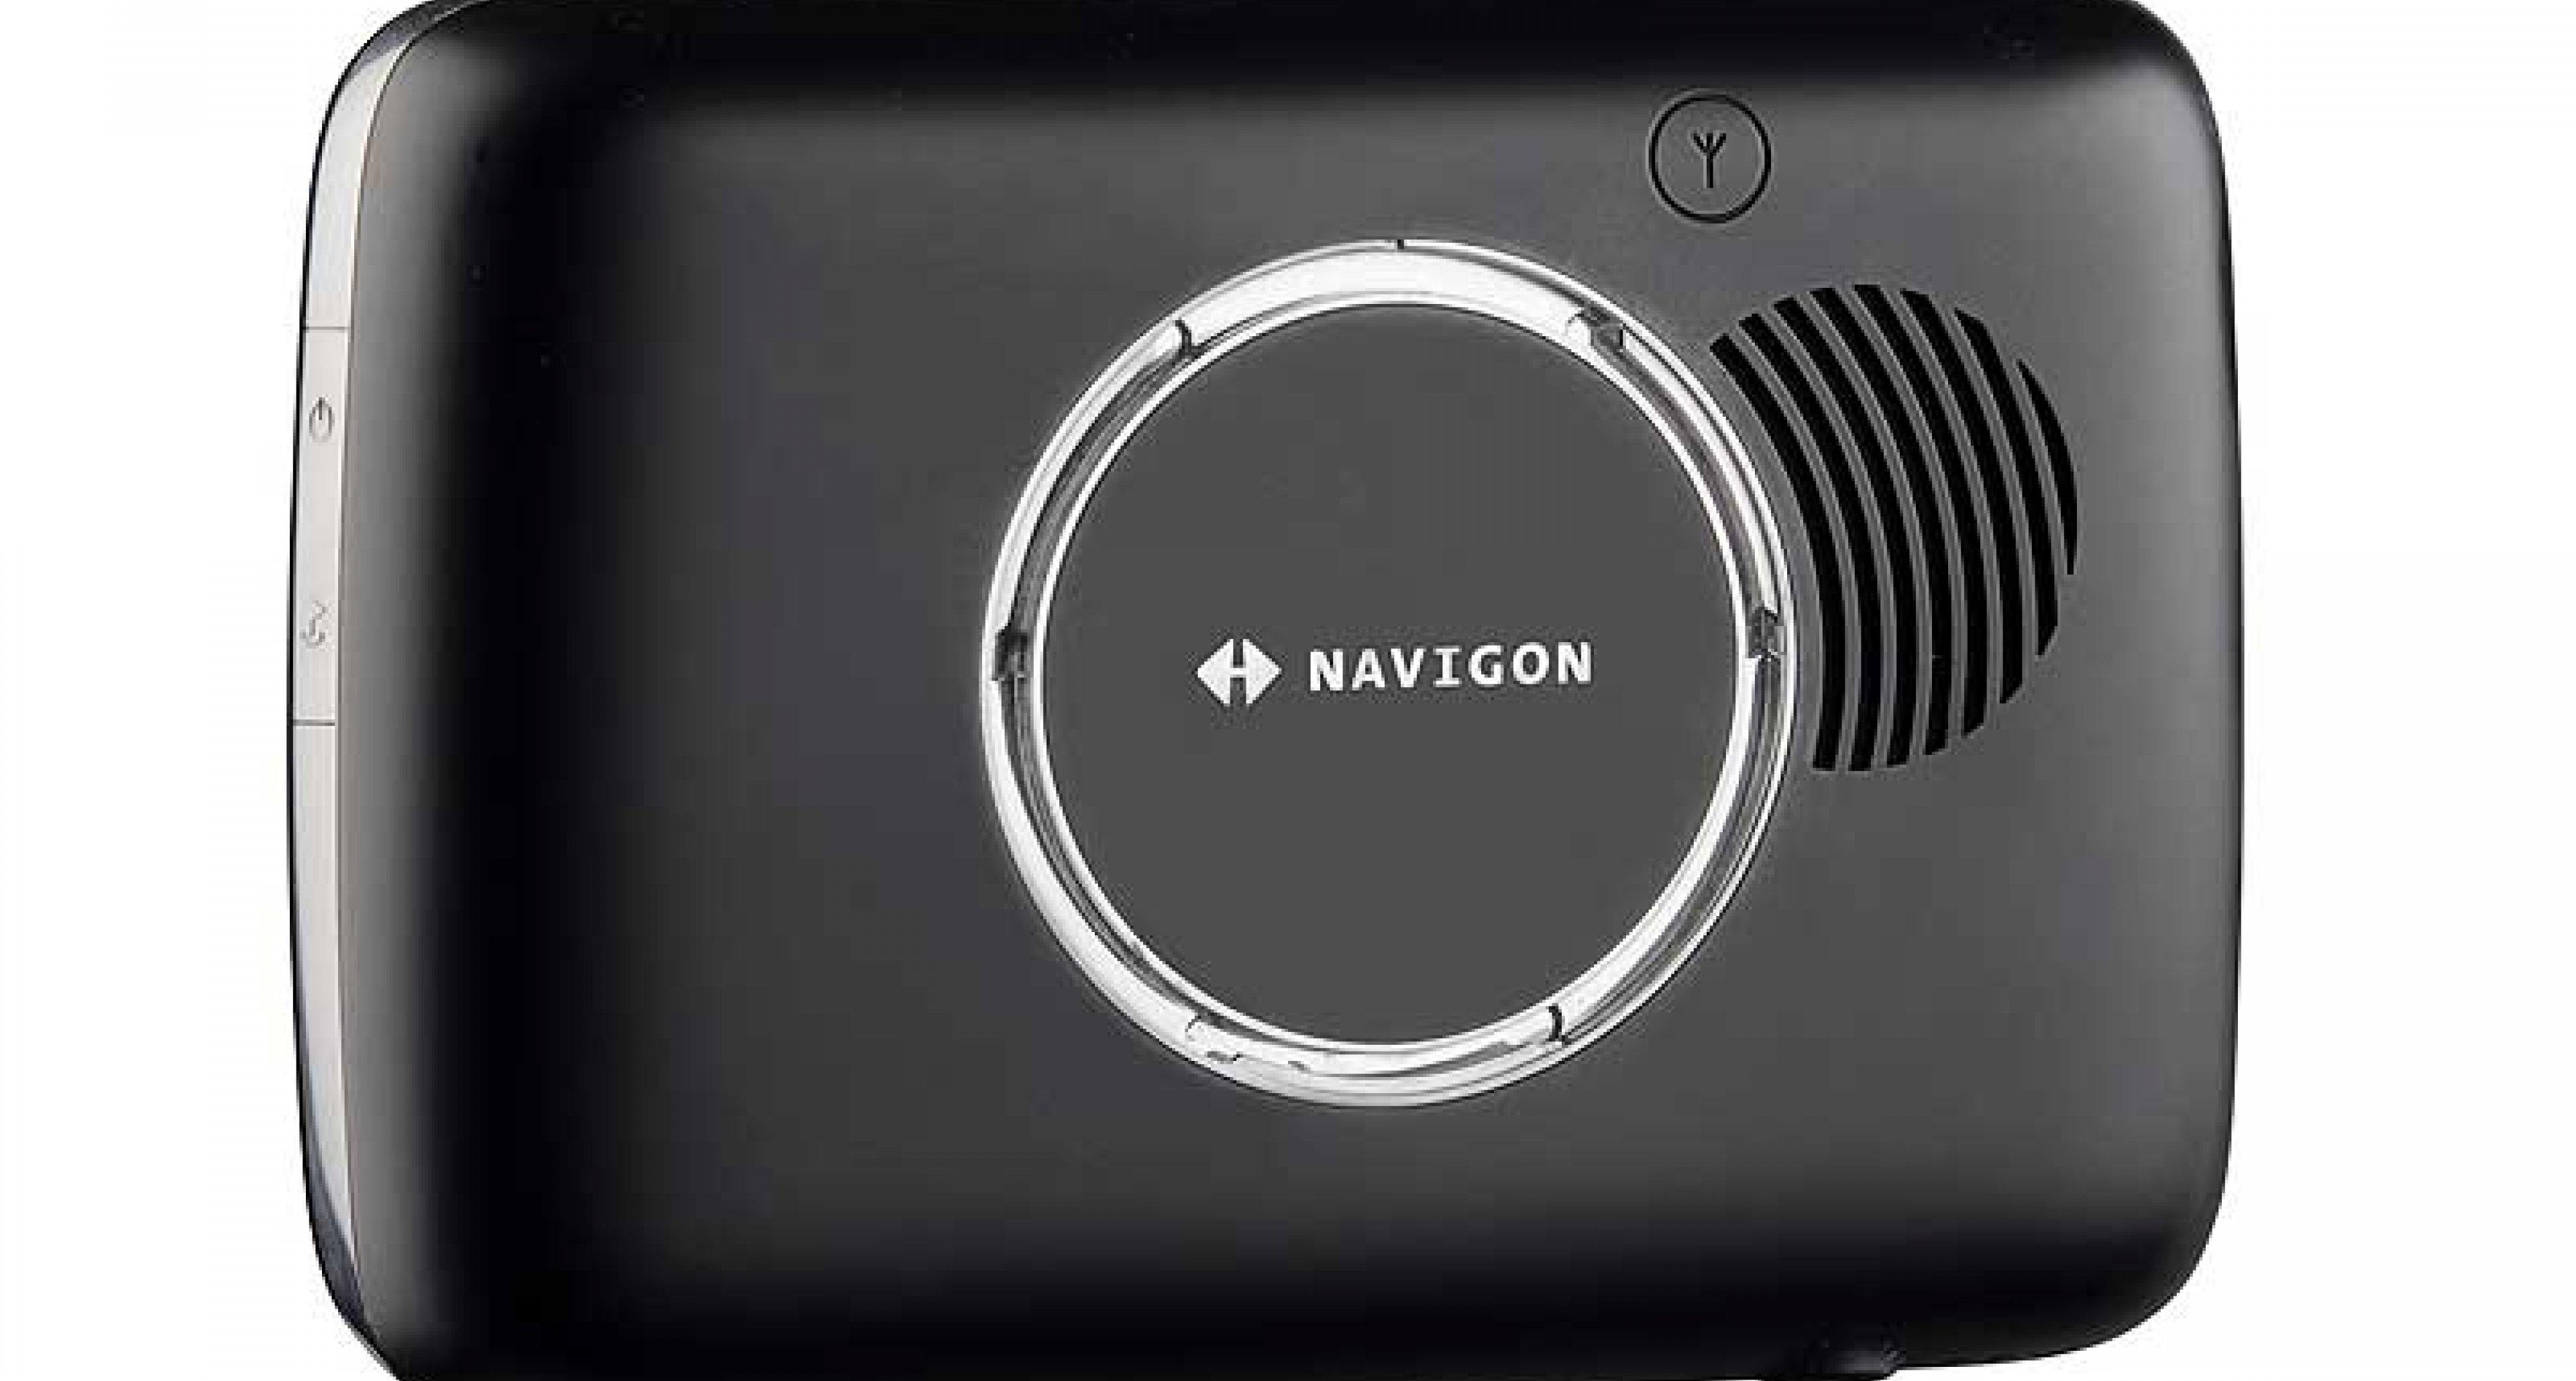 The Navigon 7100/7110